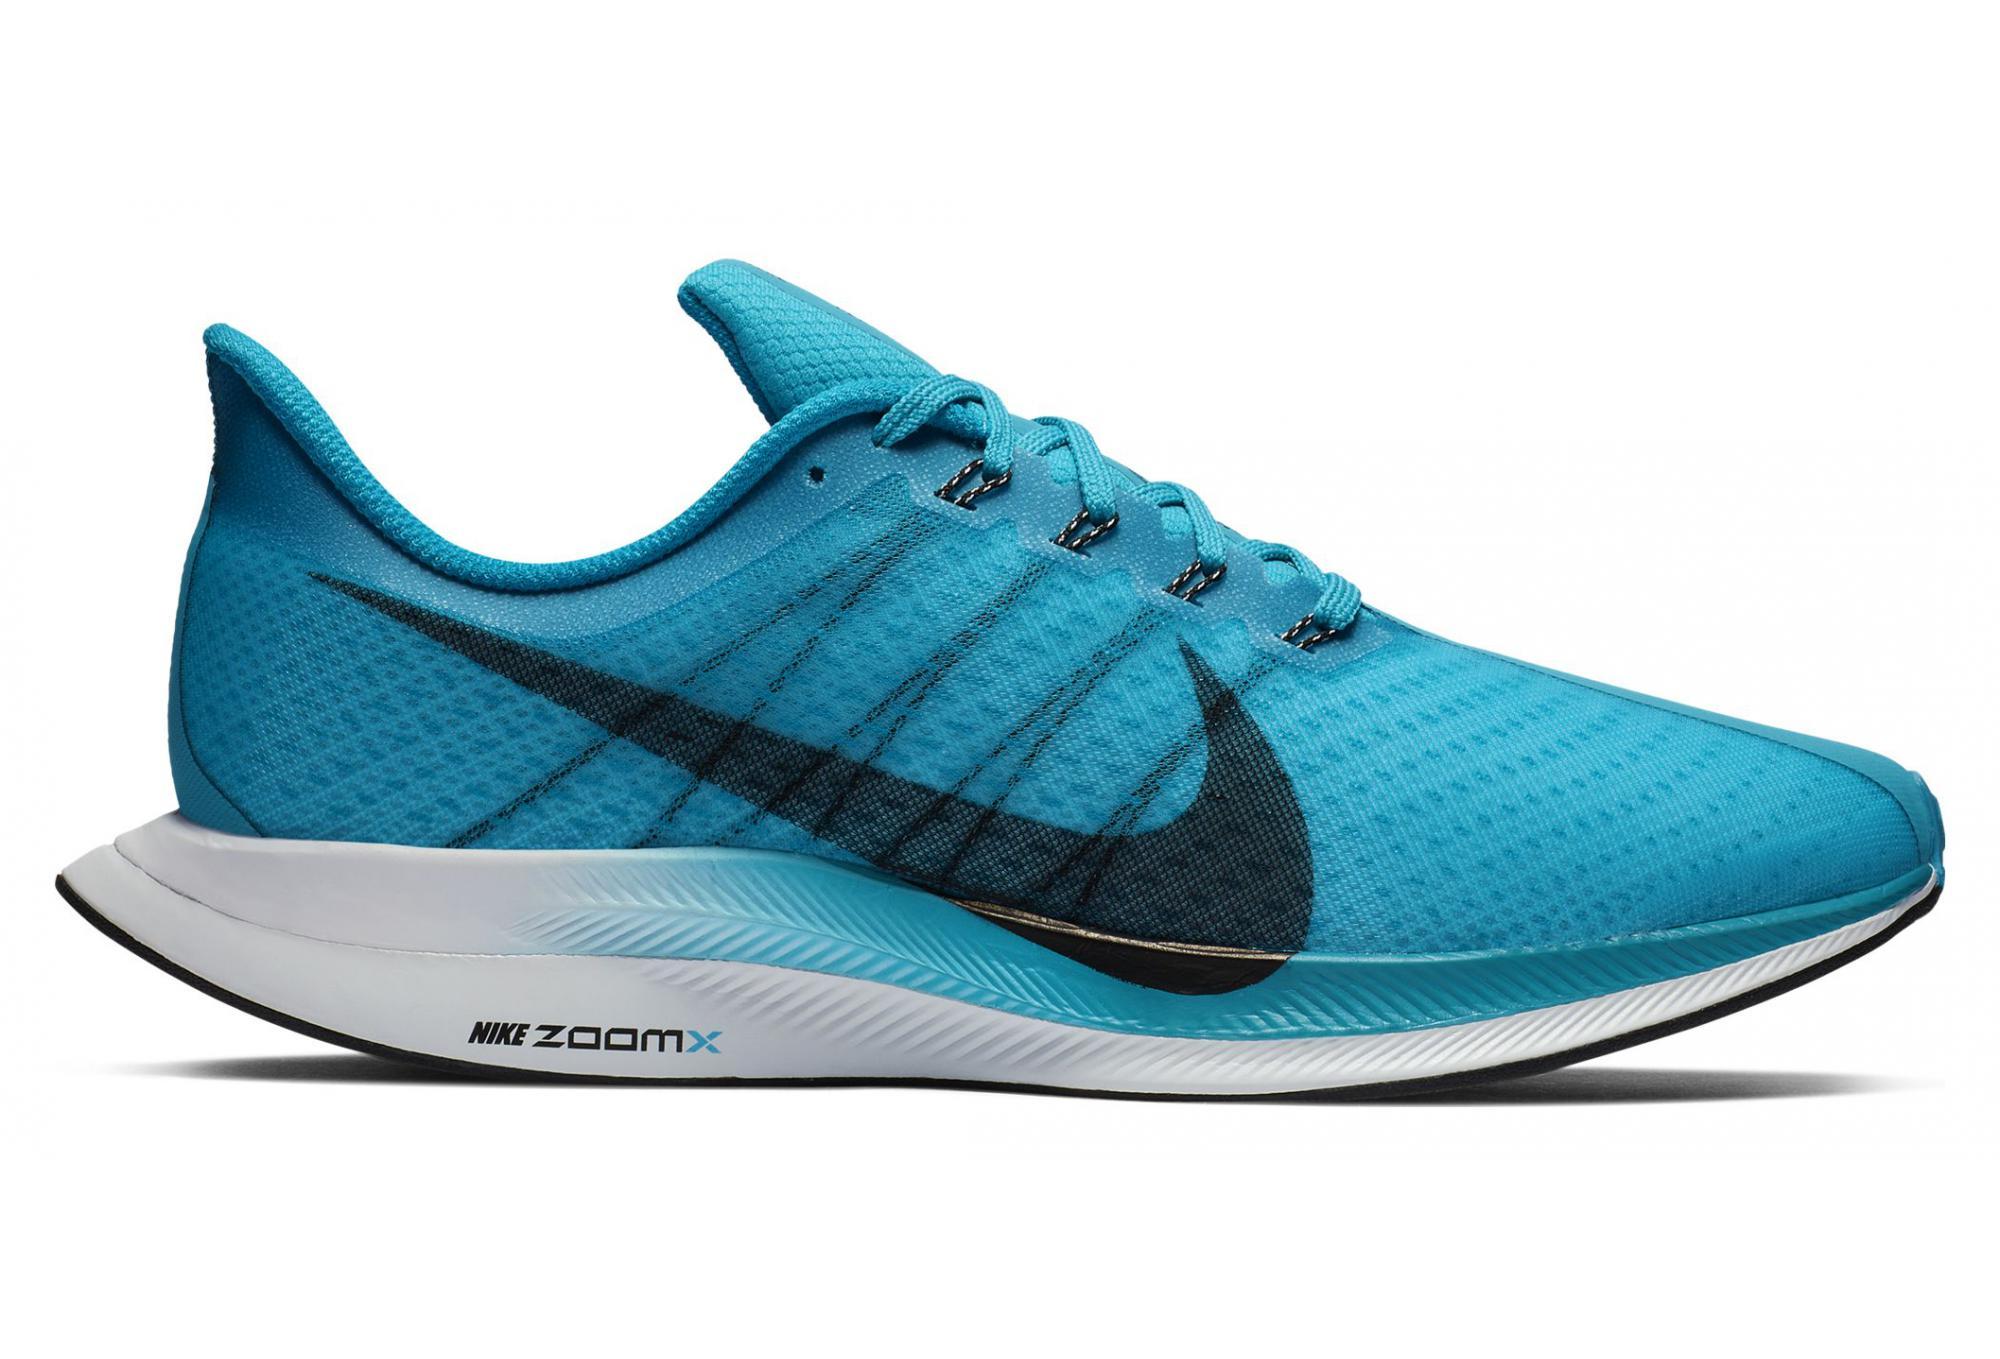 Nike Zoom Pegasus 35 Turbo Herren Laufschuhe Blau | Alltricks.de